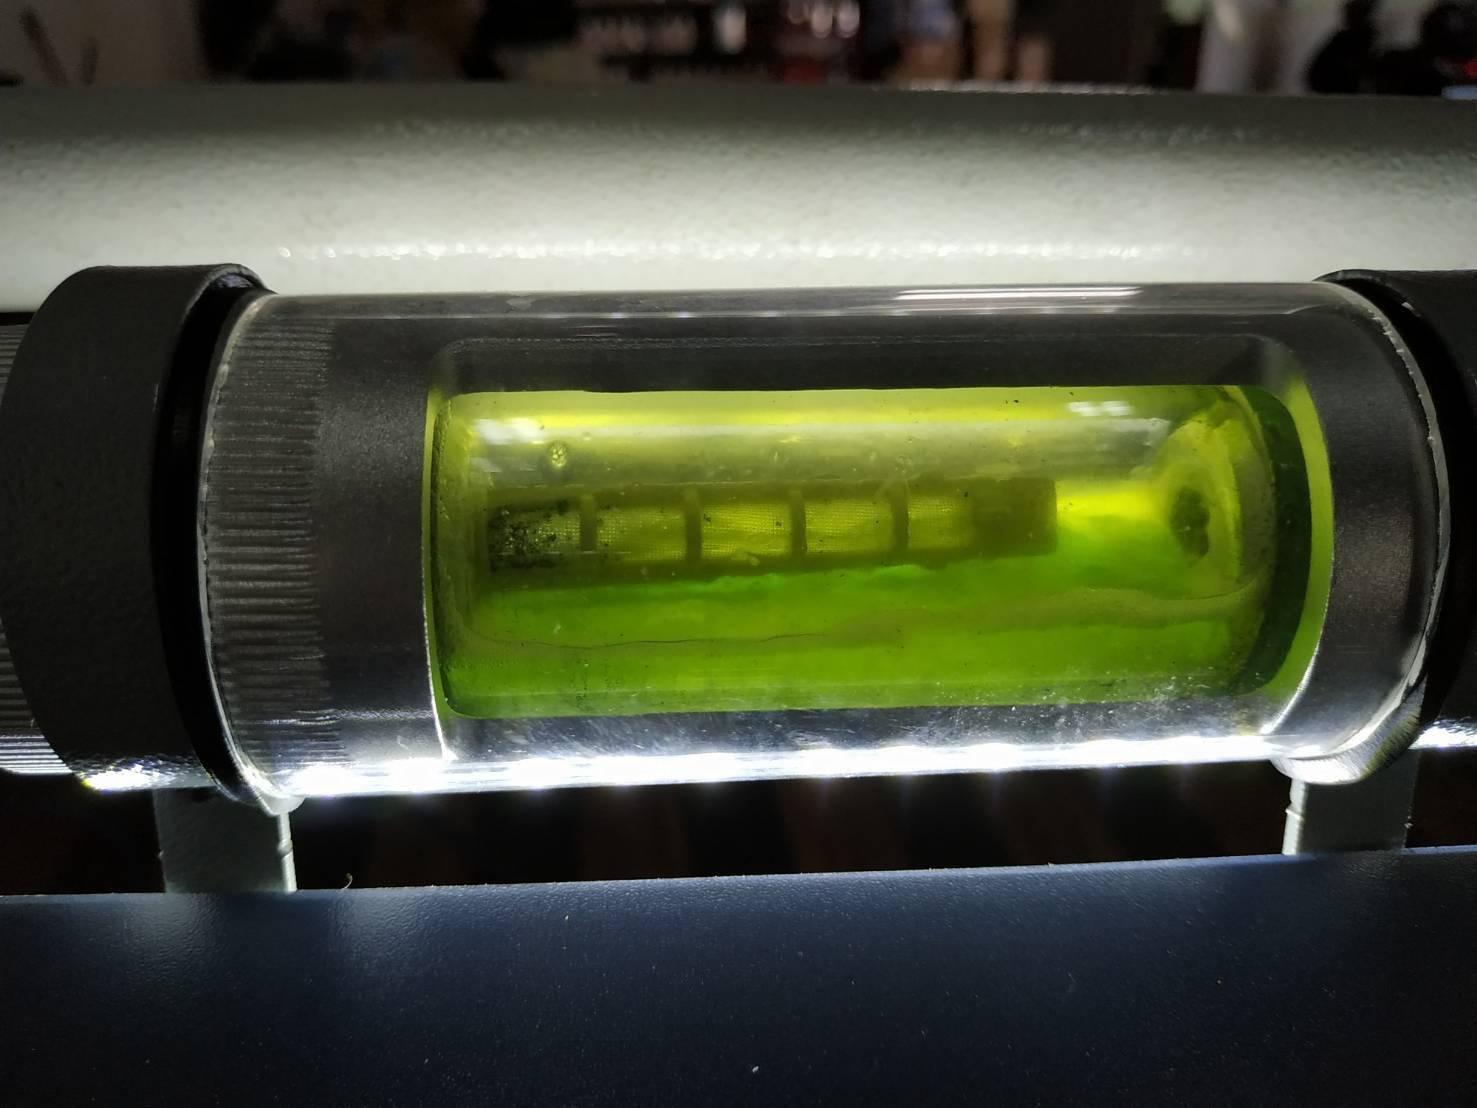 【富昇汽車】馬自達/Madza premacy 2.0 排氣管很吵#排氣管大聲#冷氣不冷#清洗冷氣